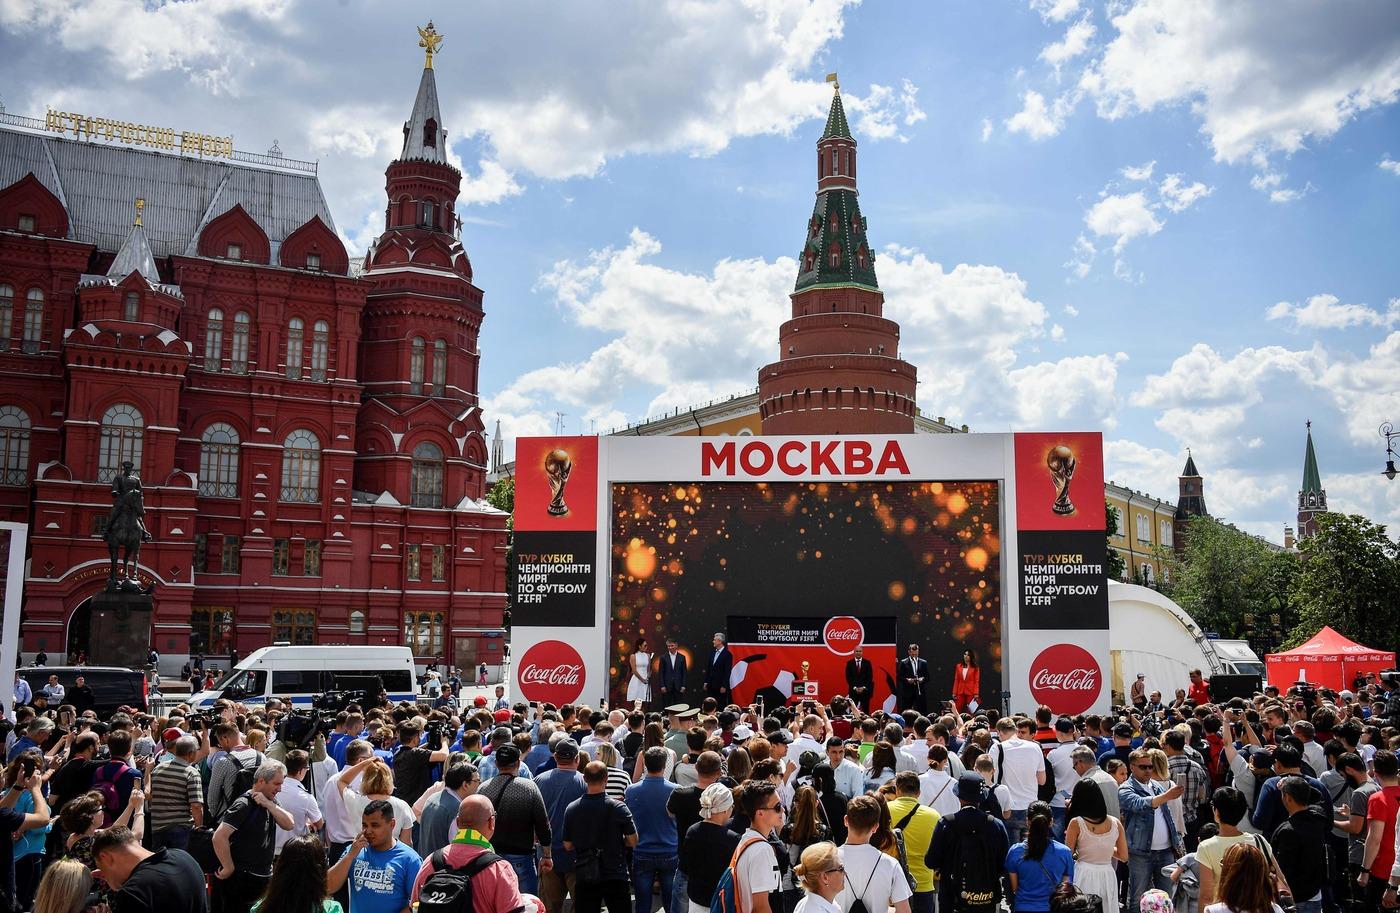 peggiori russo incontri immagini incontri Toronto Blog